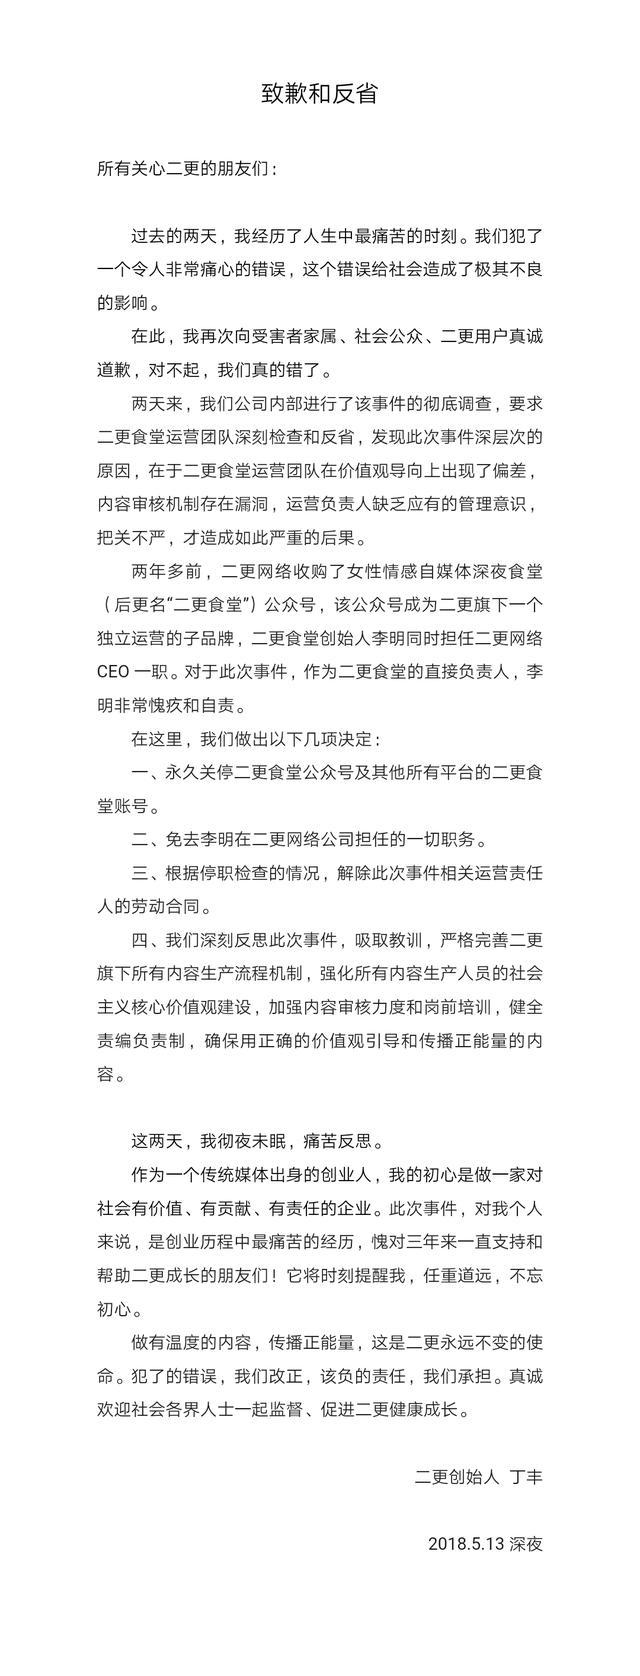 二更创始人深夜道歉,永久关停二更食堂,CEO李明被免职